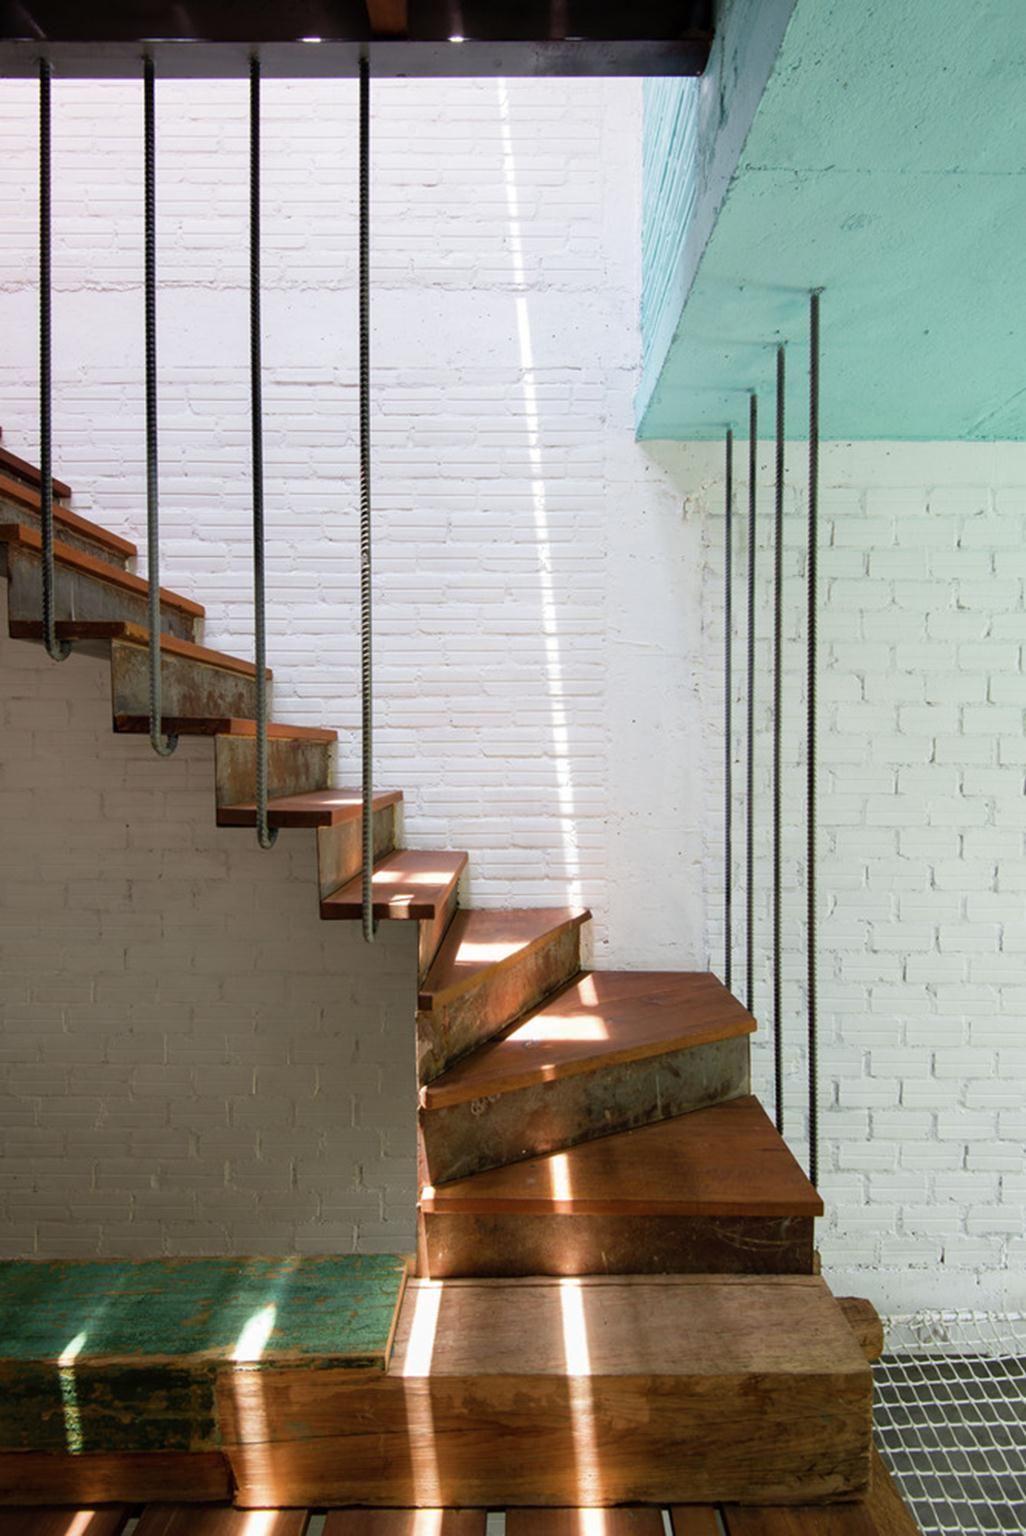 Saigon house; Vietnam / a21studio